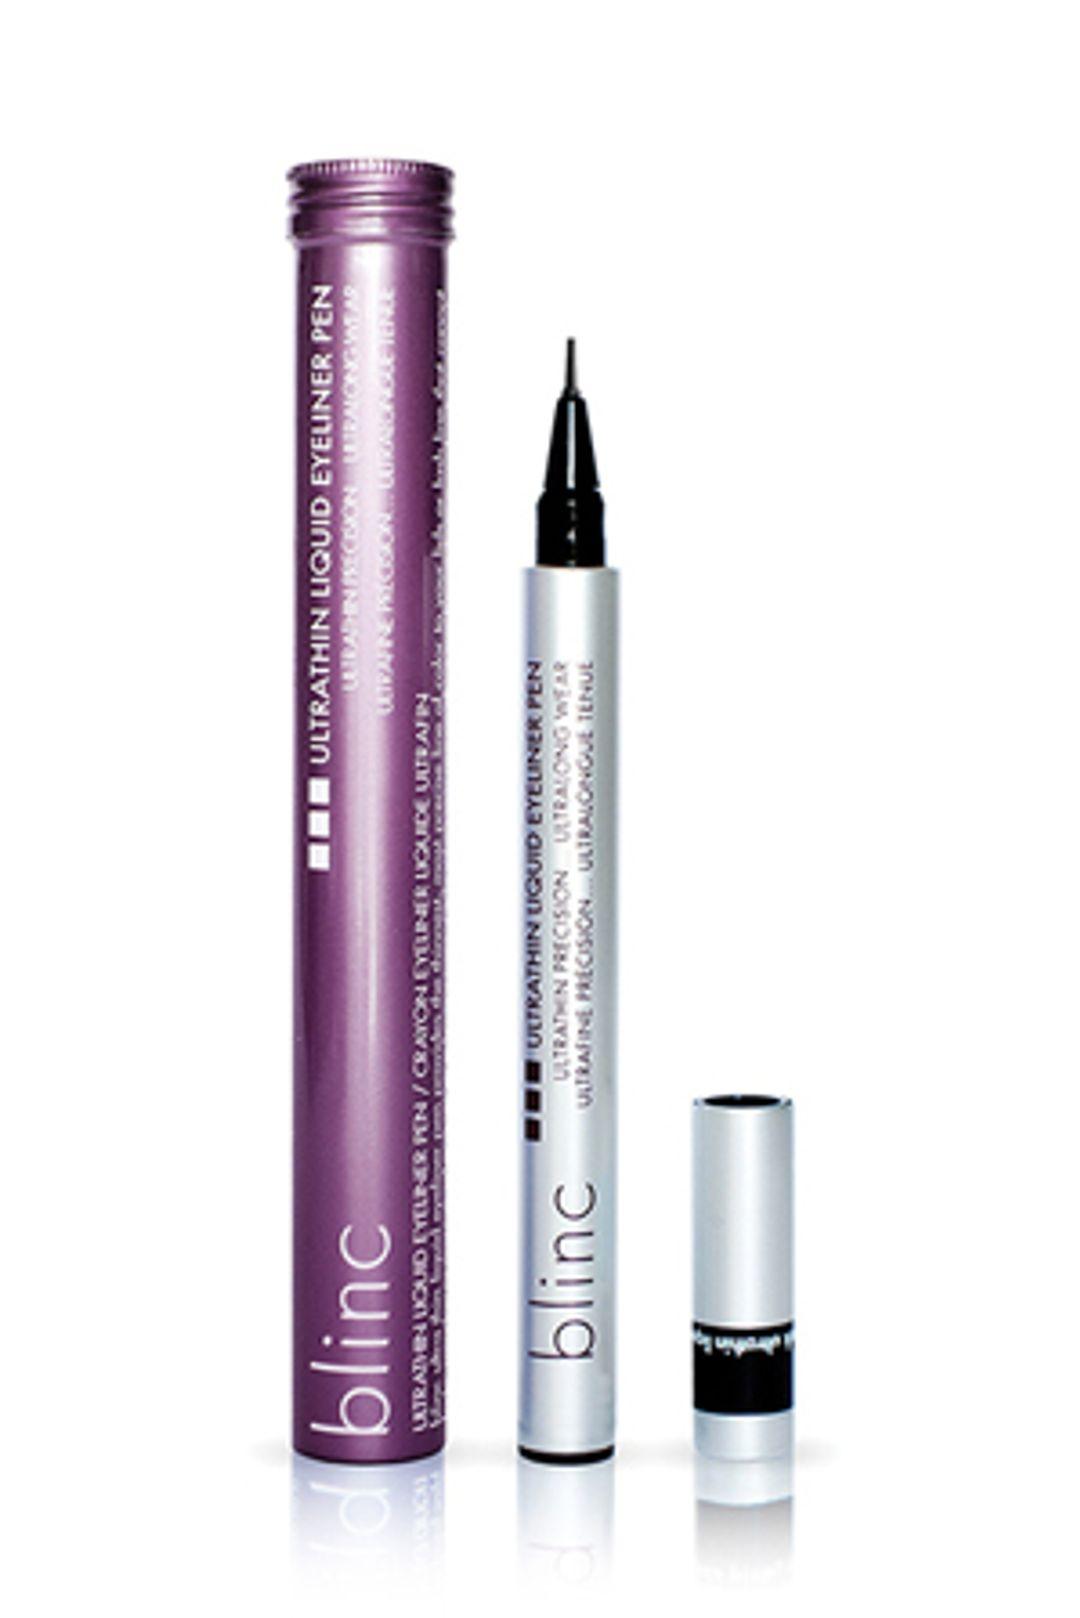 Blinc - Ultrathin Liquid Eyeliner Pen - Black